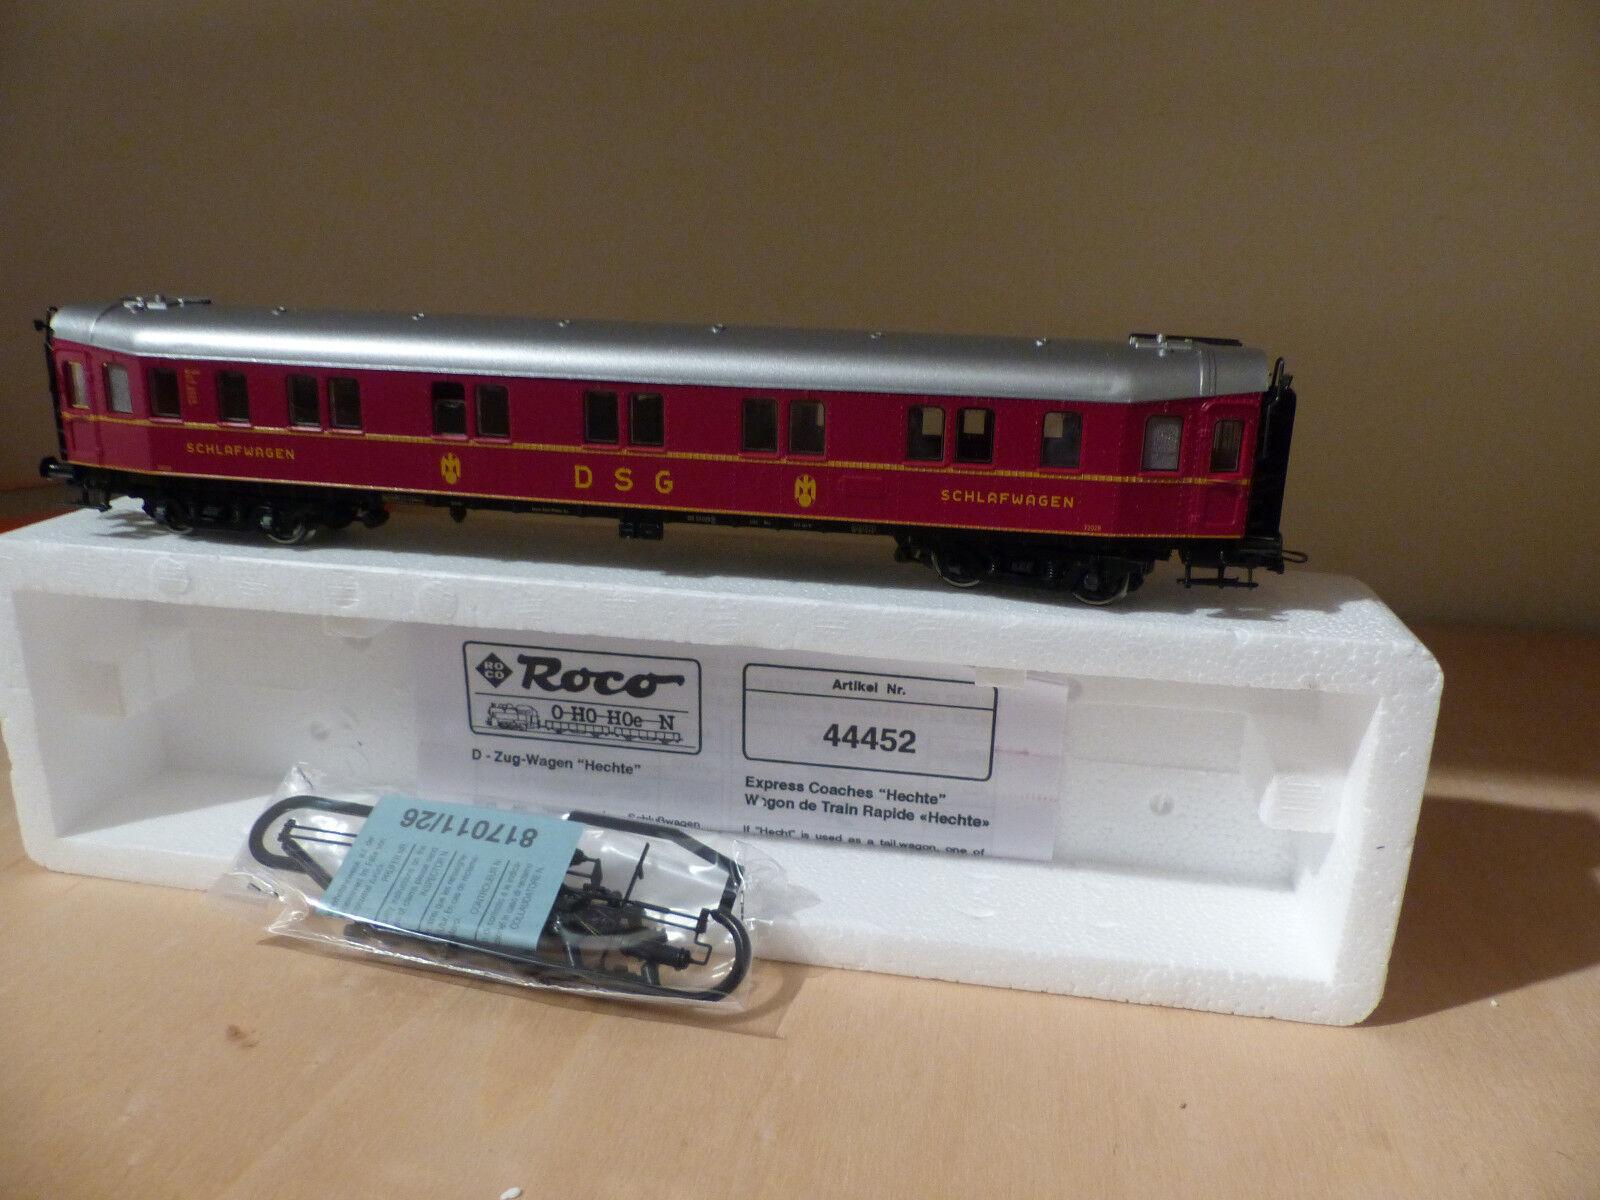 Roco 44452 , Personenwagen Schlafwagen DSG  Hecht  , Spur H0  | Mittel Preis